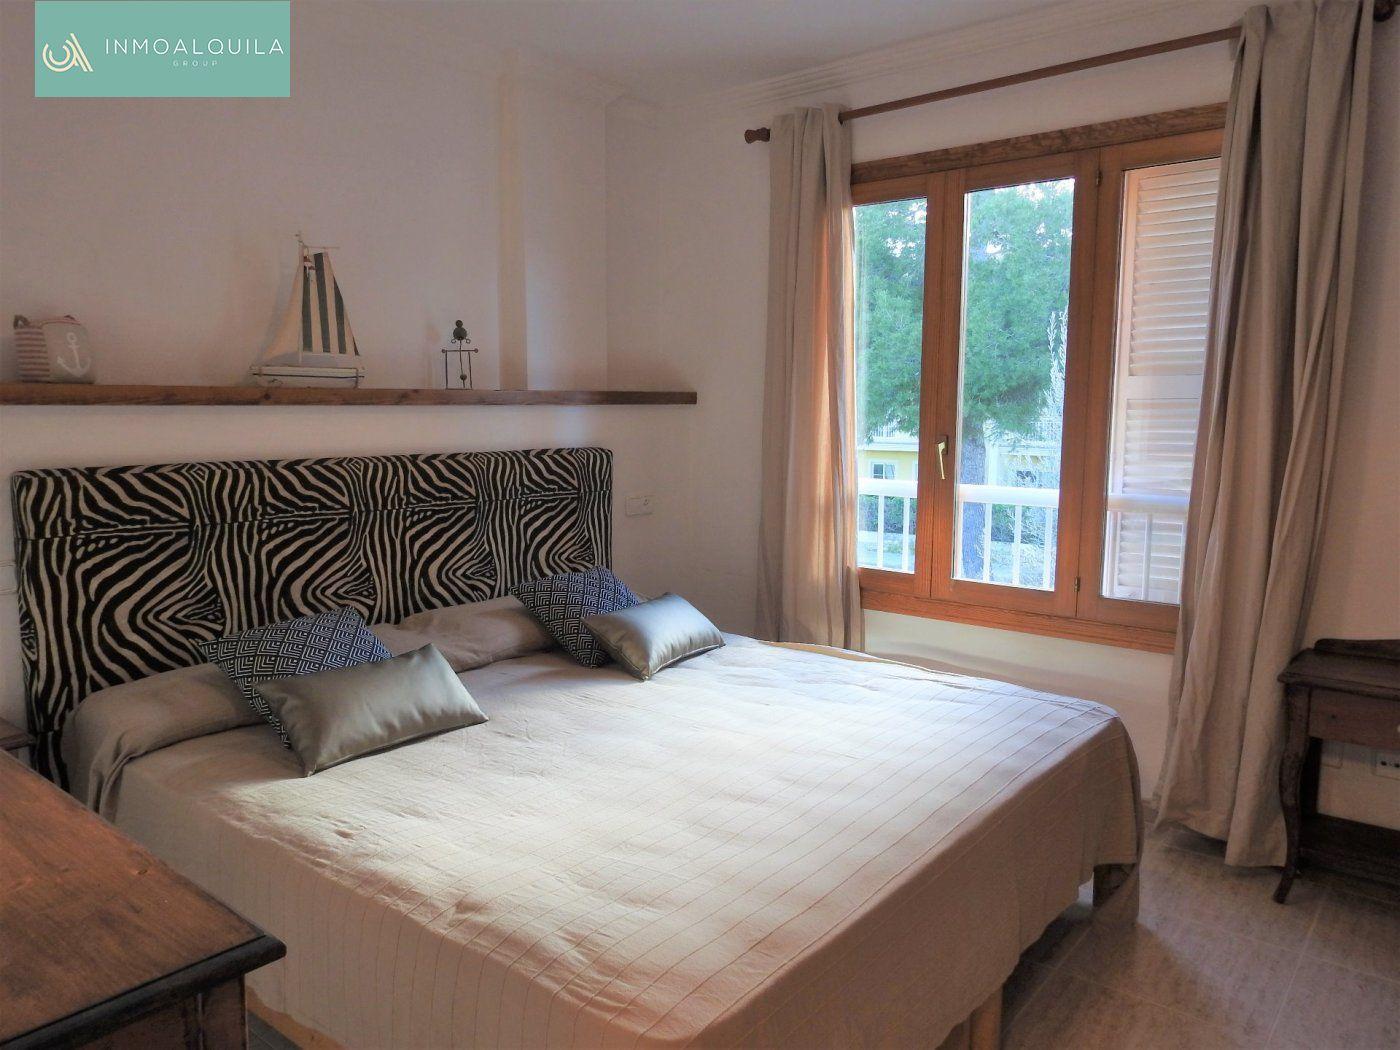 Miete Haus  Can picafort ,santa eulalia. Espectacular adosado en can picafort. 90m2, 3hab, 3baños, jardin